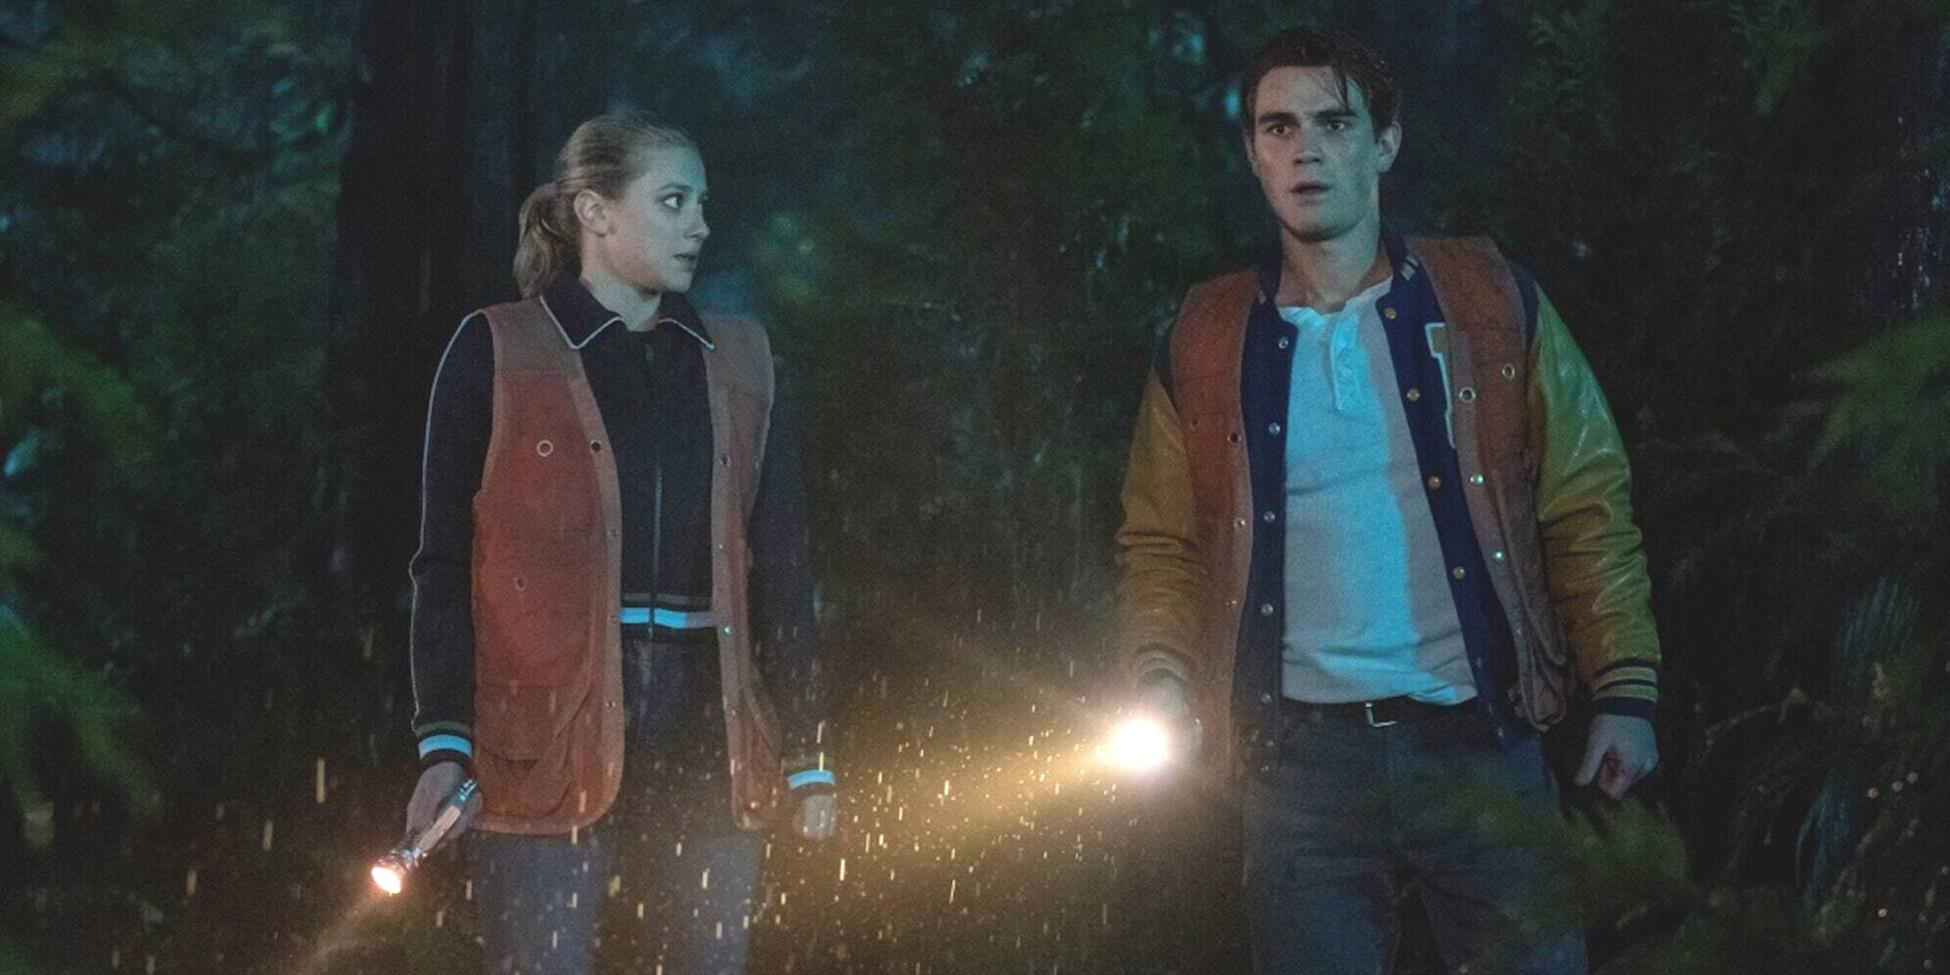 Riverdale Saison 4 Episode 14 Chapitre soixante et onze Comment JA9wGAdK4 7 9